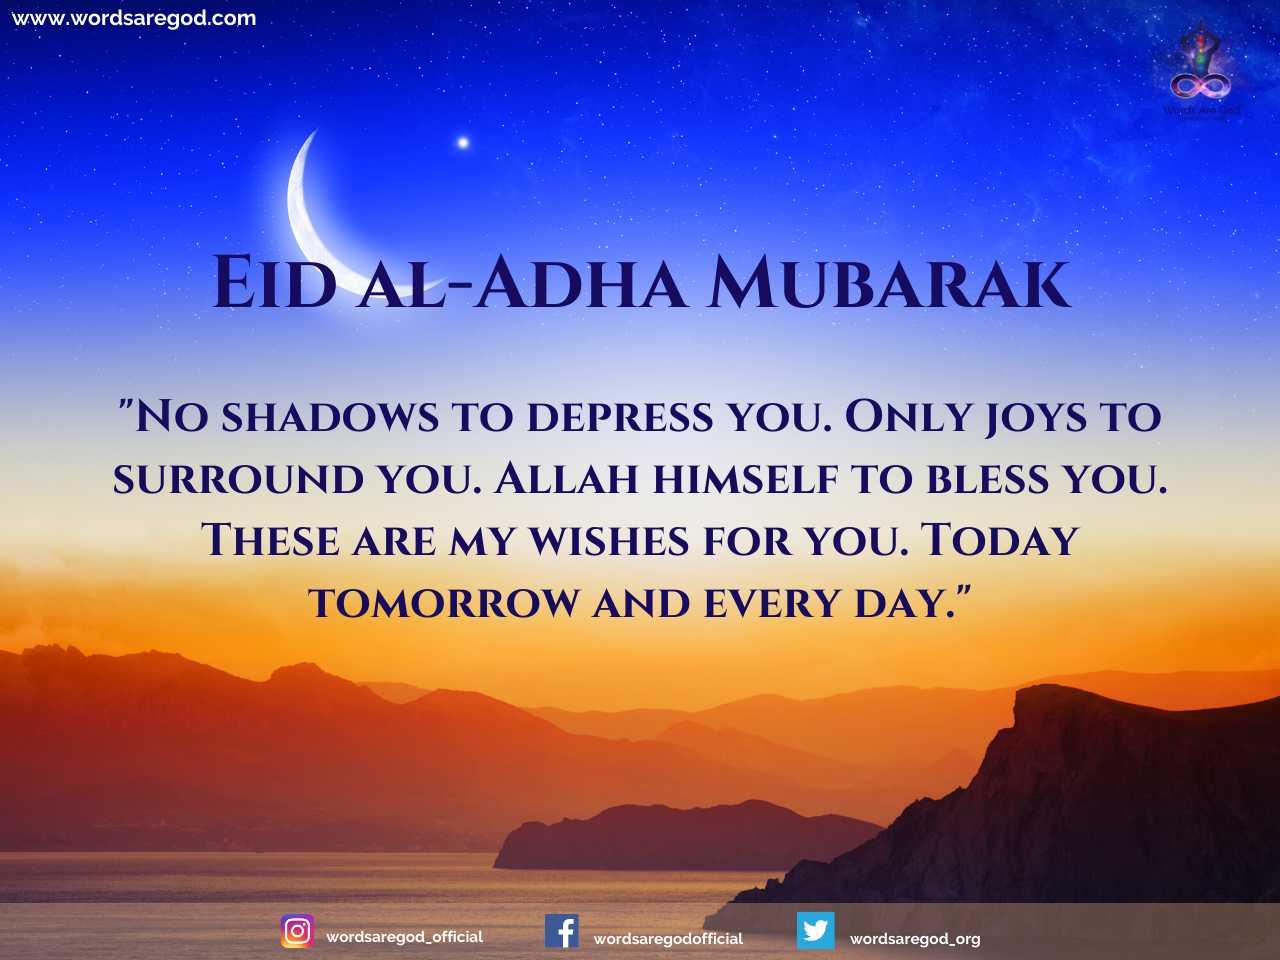 Eid-al-Adha Wishes